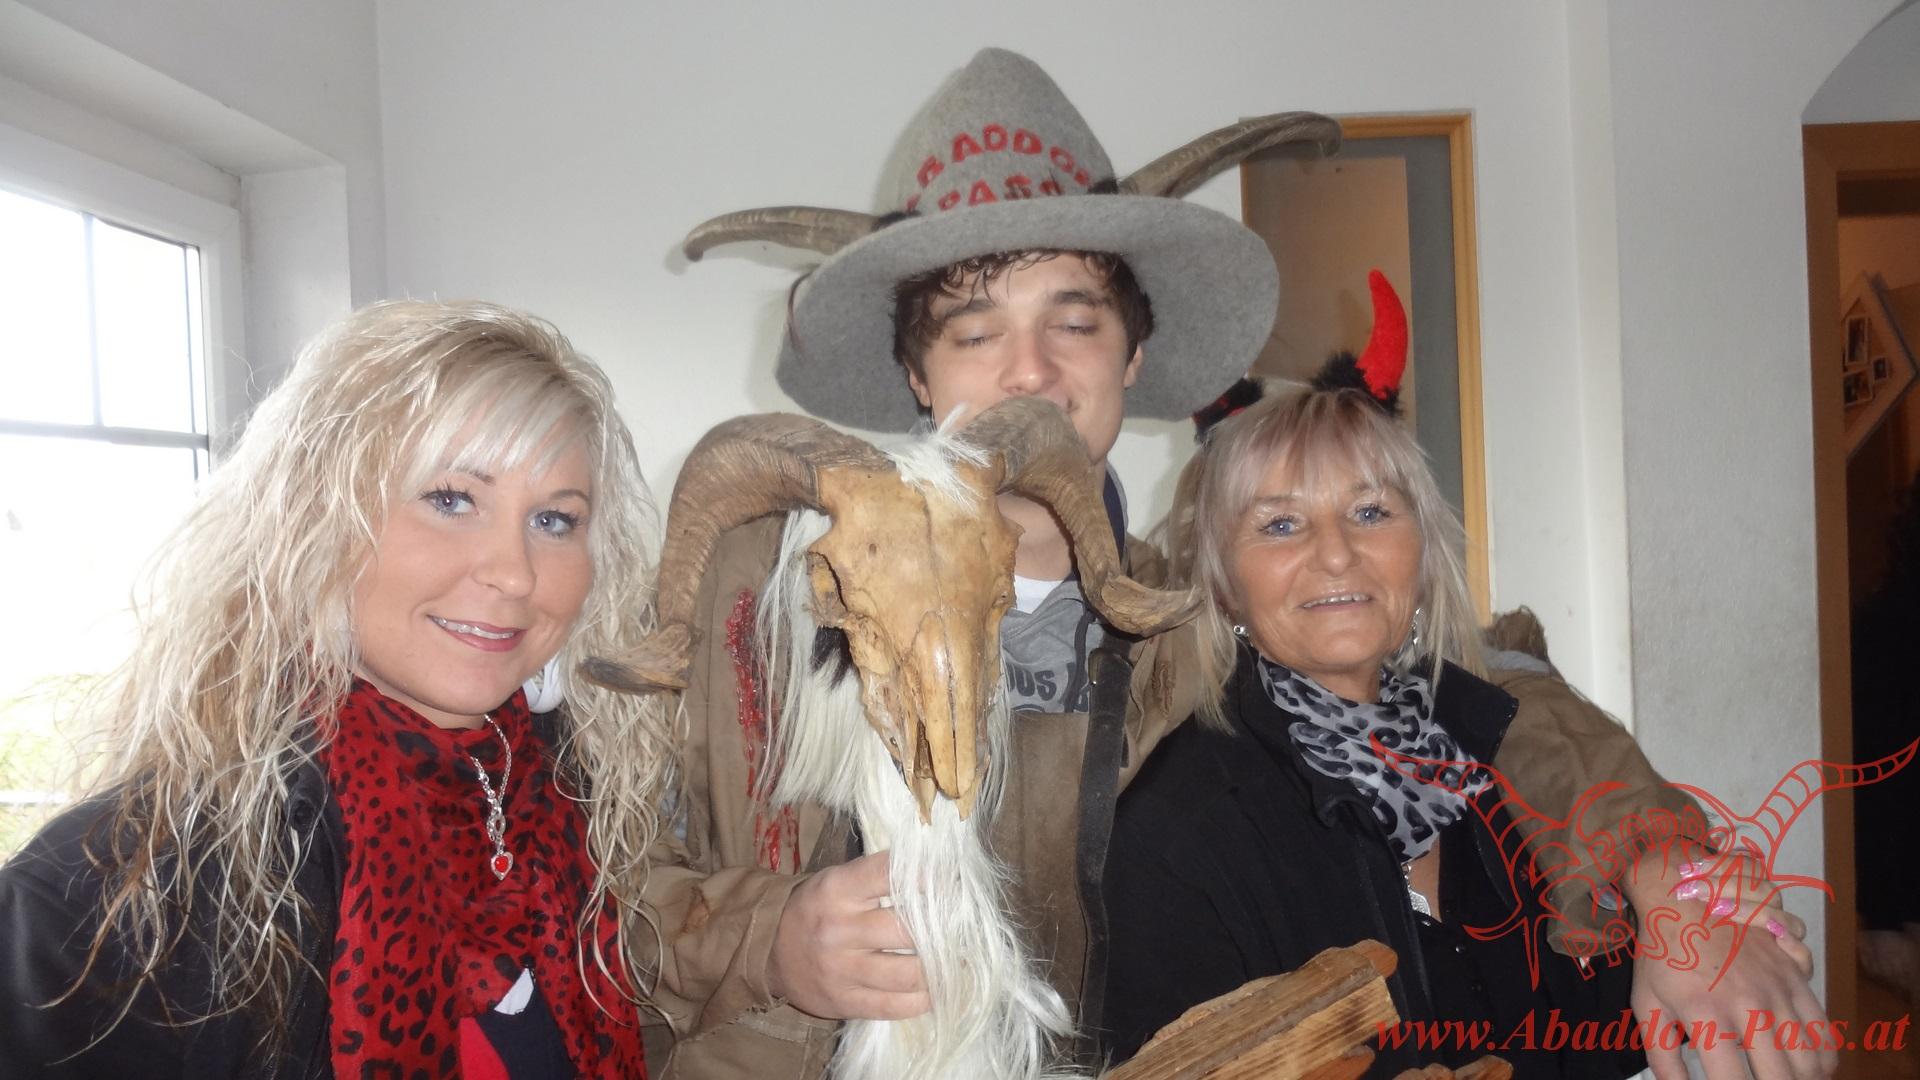 Heiligenkreuz 2012 (5) (Homepage)